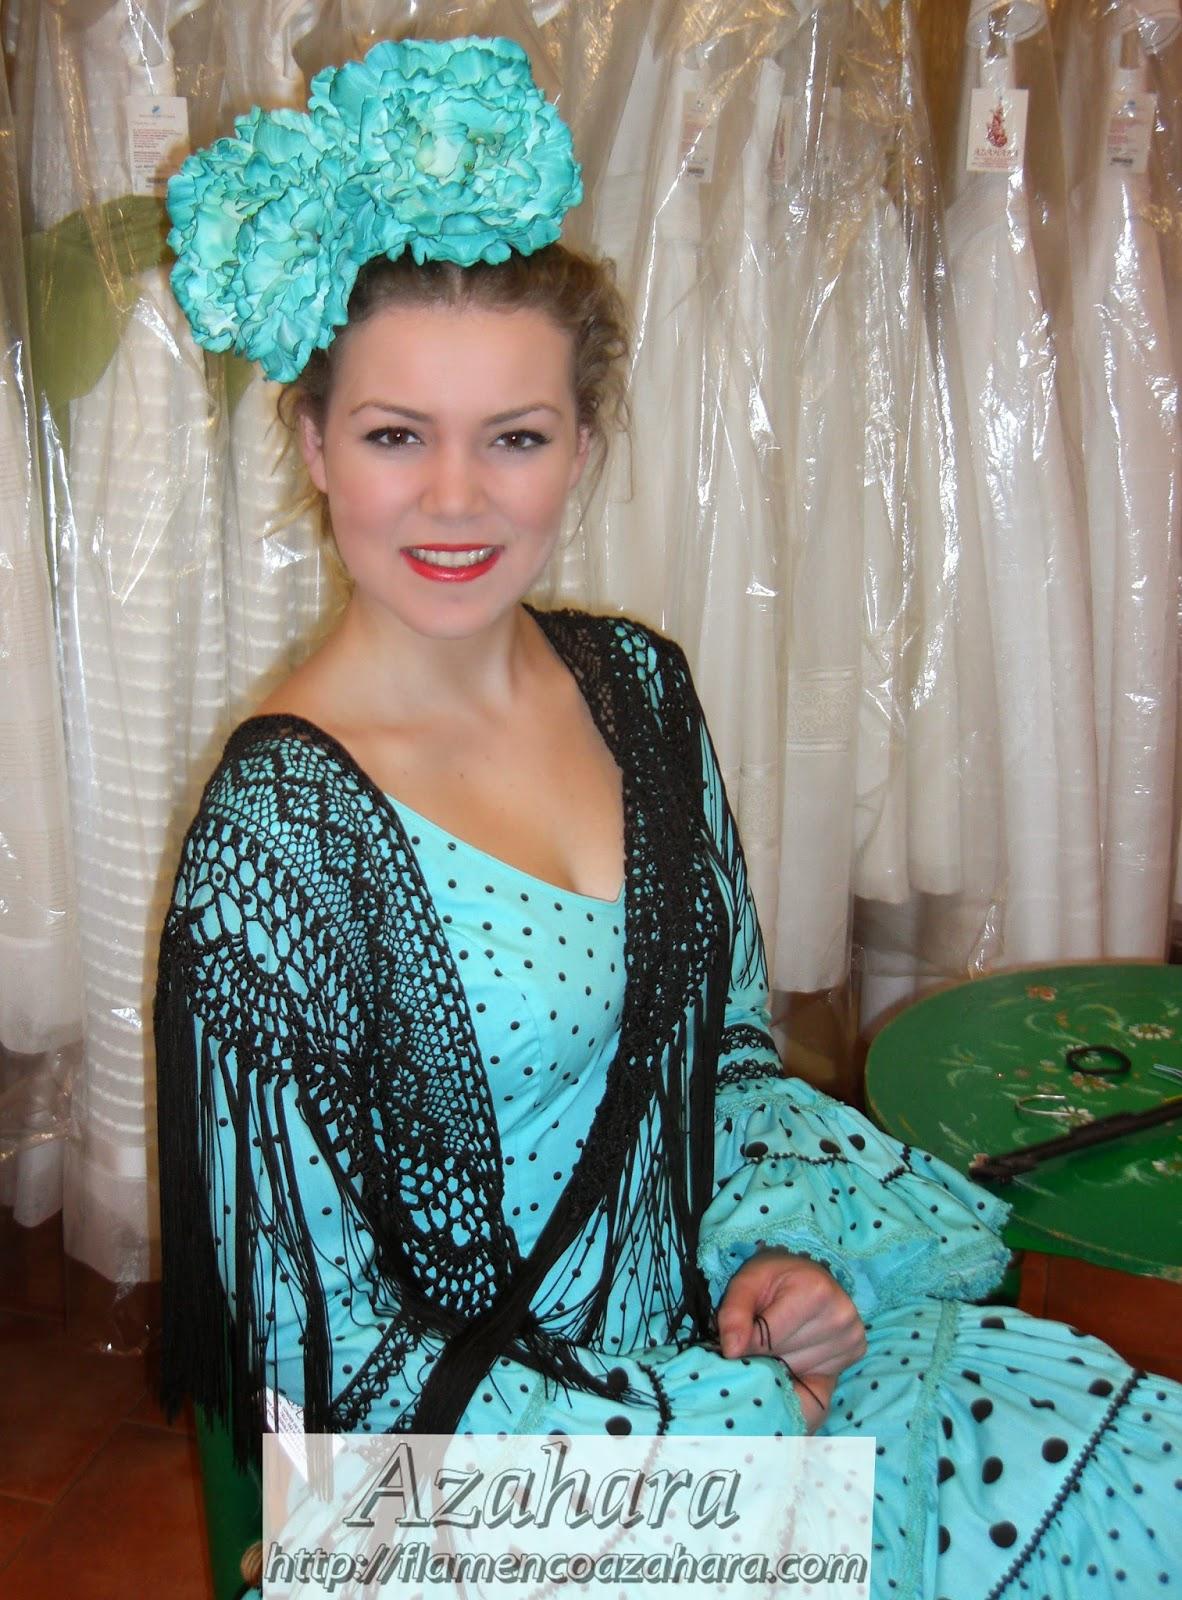 Peinados Para Flamencas - Moños de flamenca ¡Y yo con estos pelos! Entre cirios y